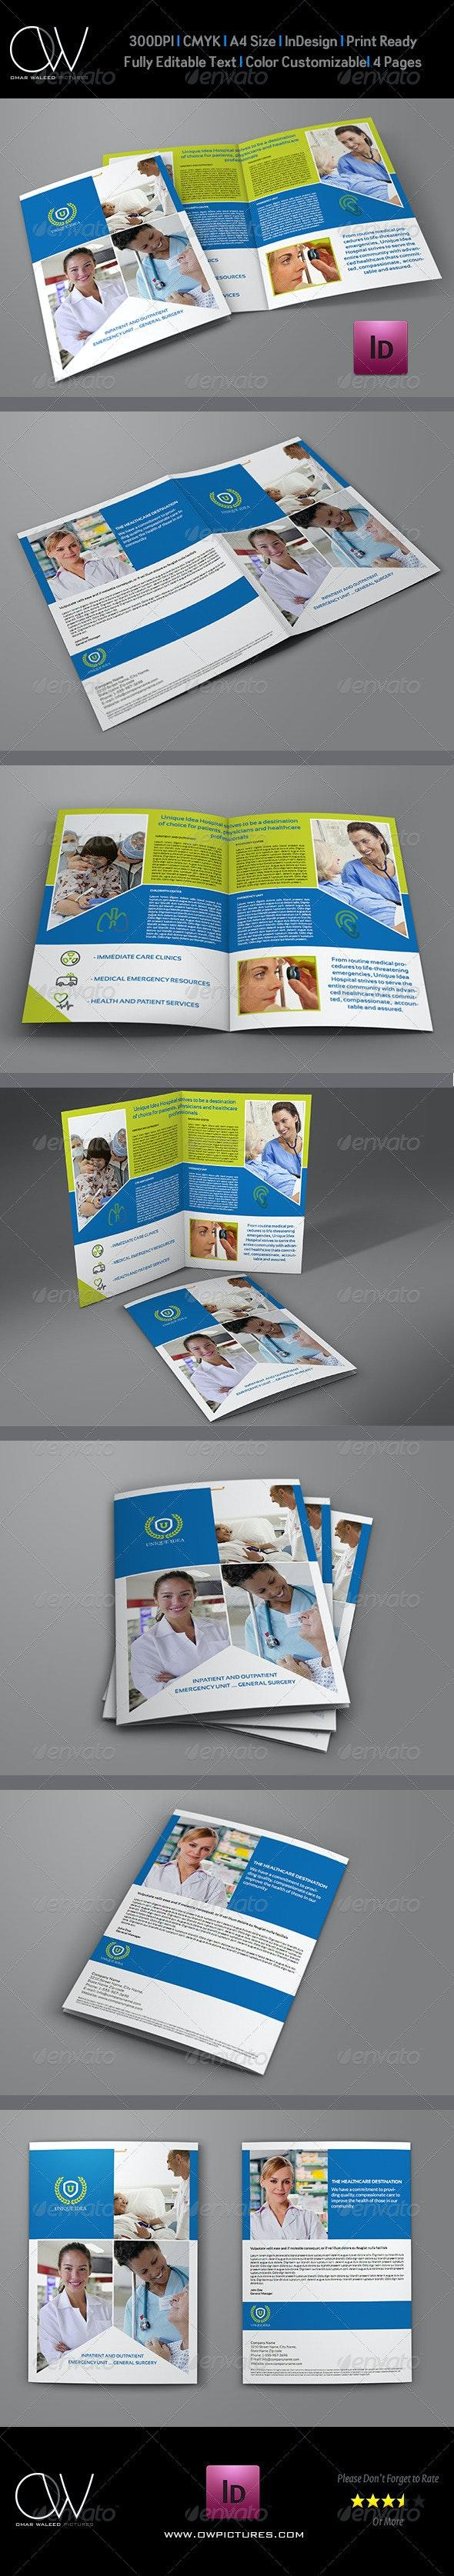 Hospital Bi-Fold Brochure Template - Corporate Brochures